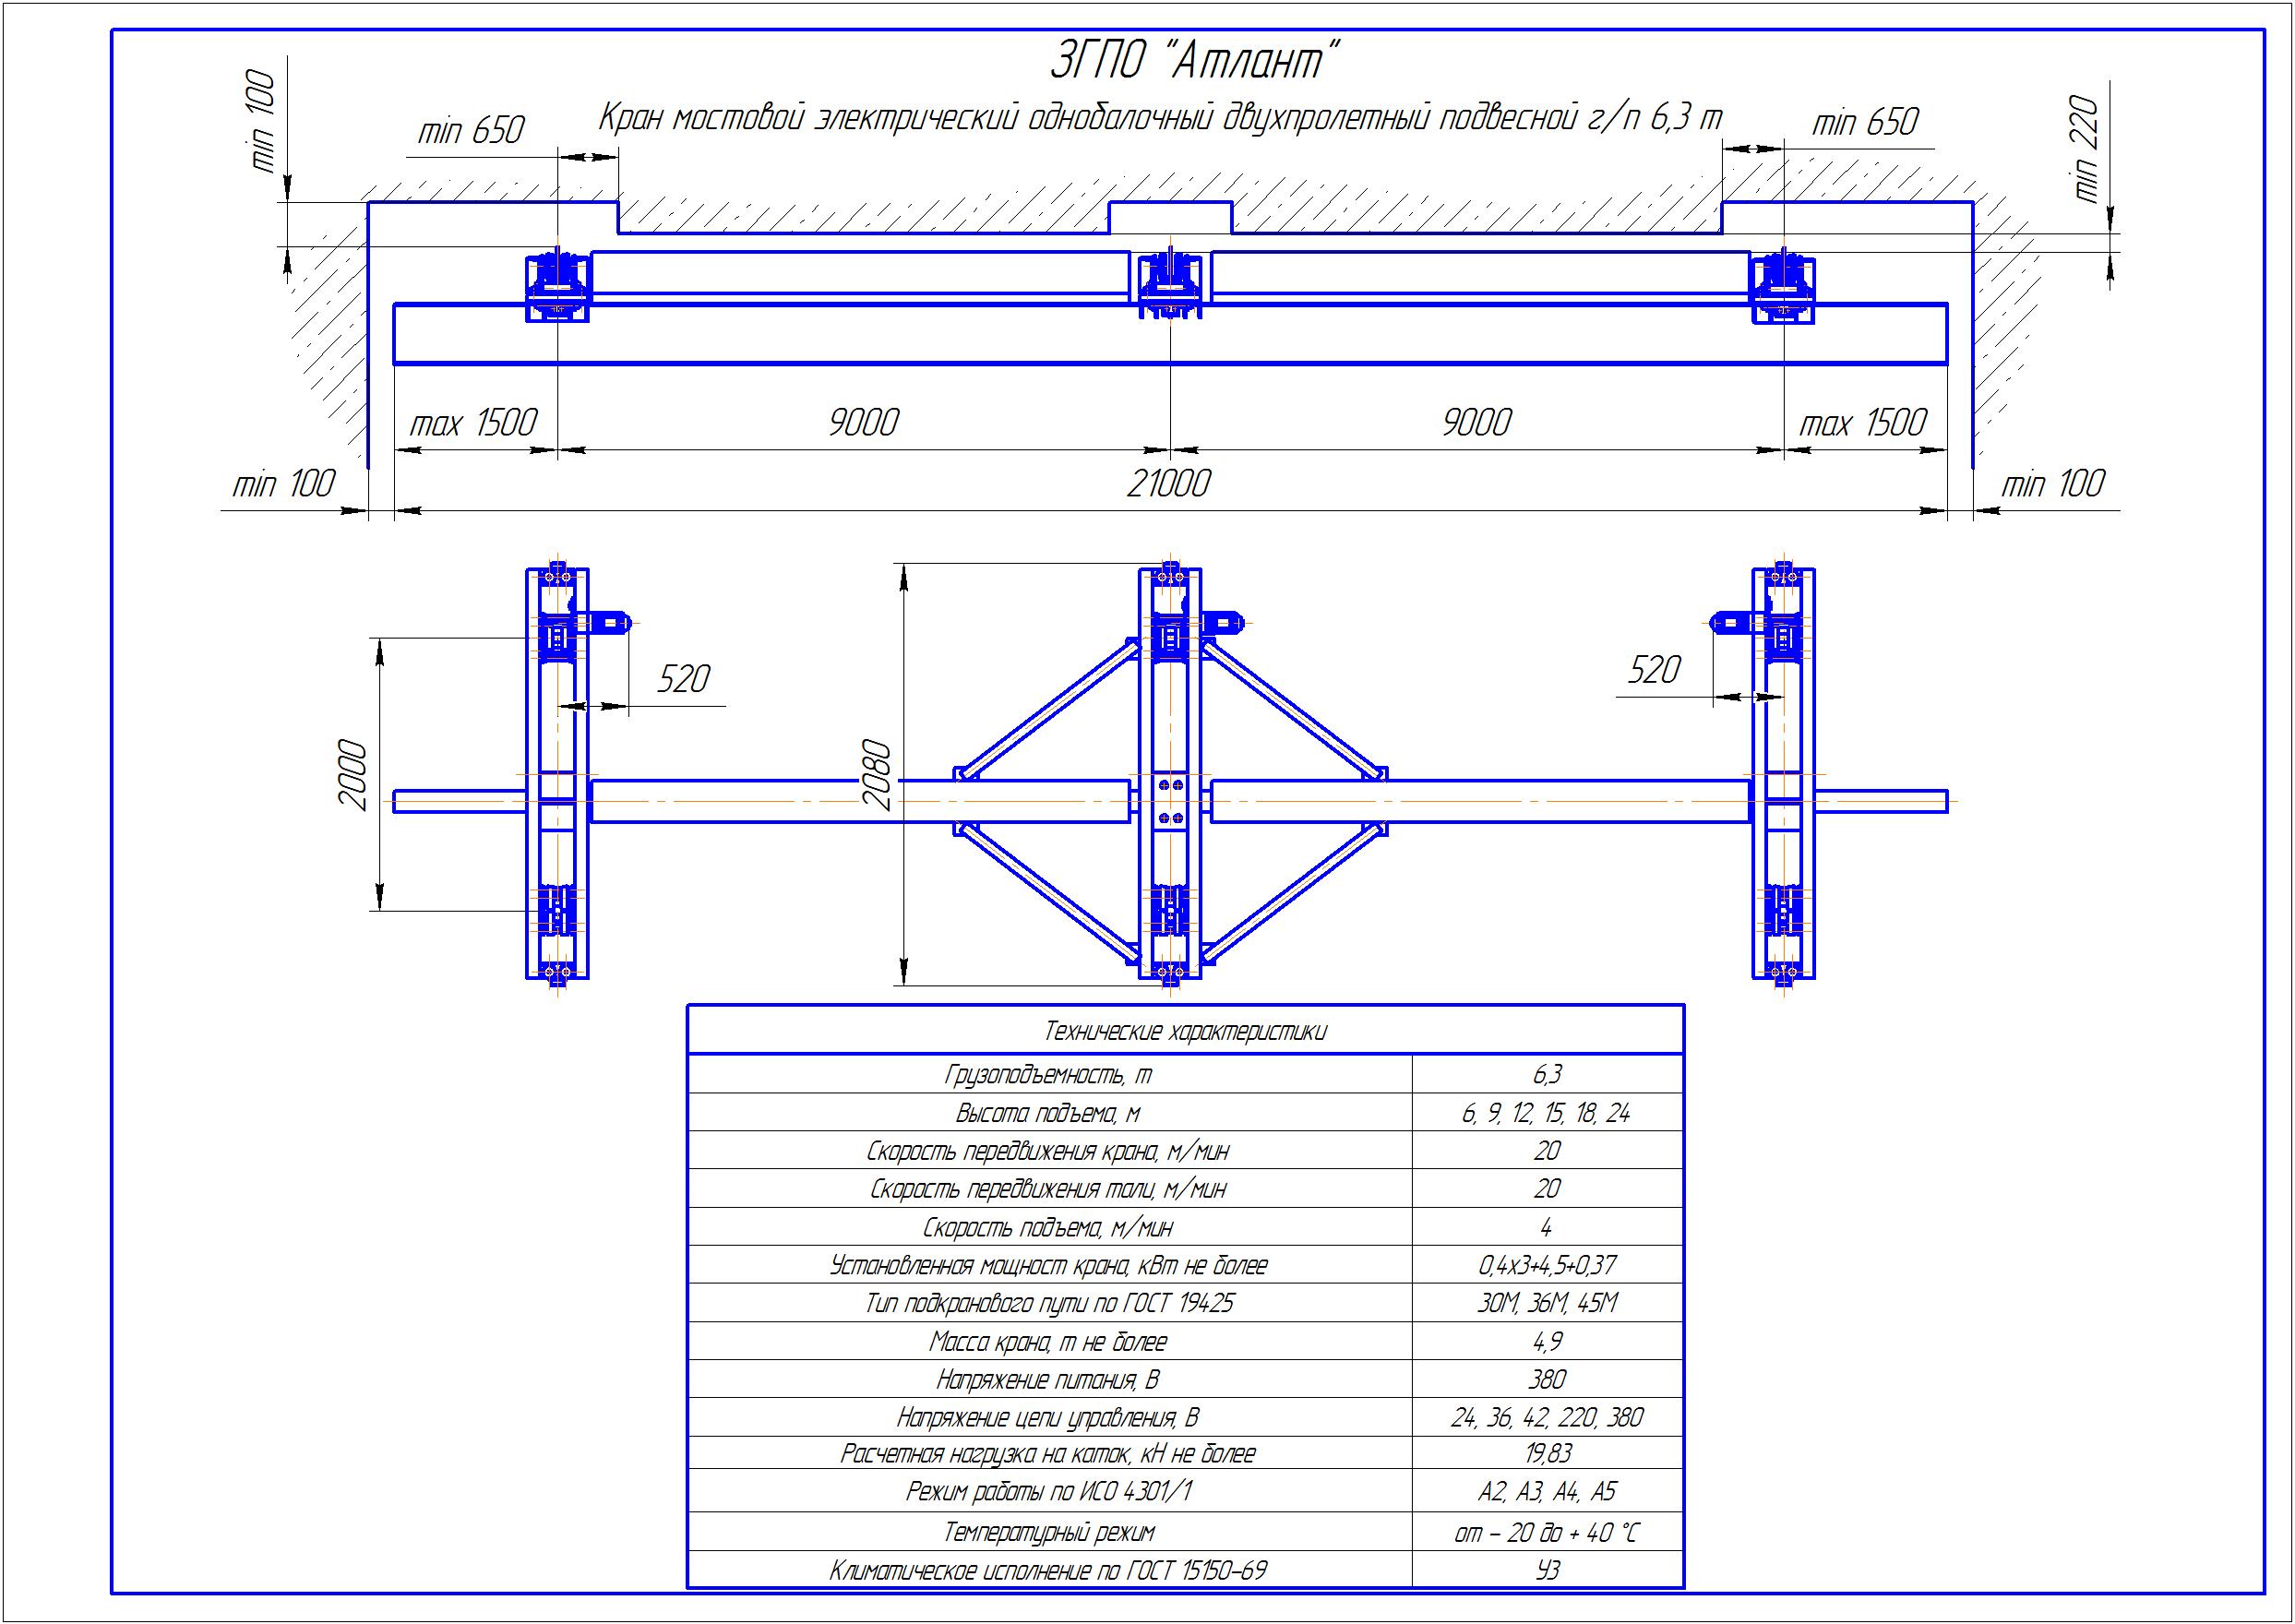 KBPD 5 2 - Подвесная кран балка двухпролетная